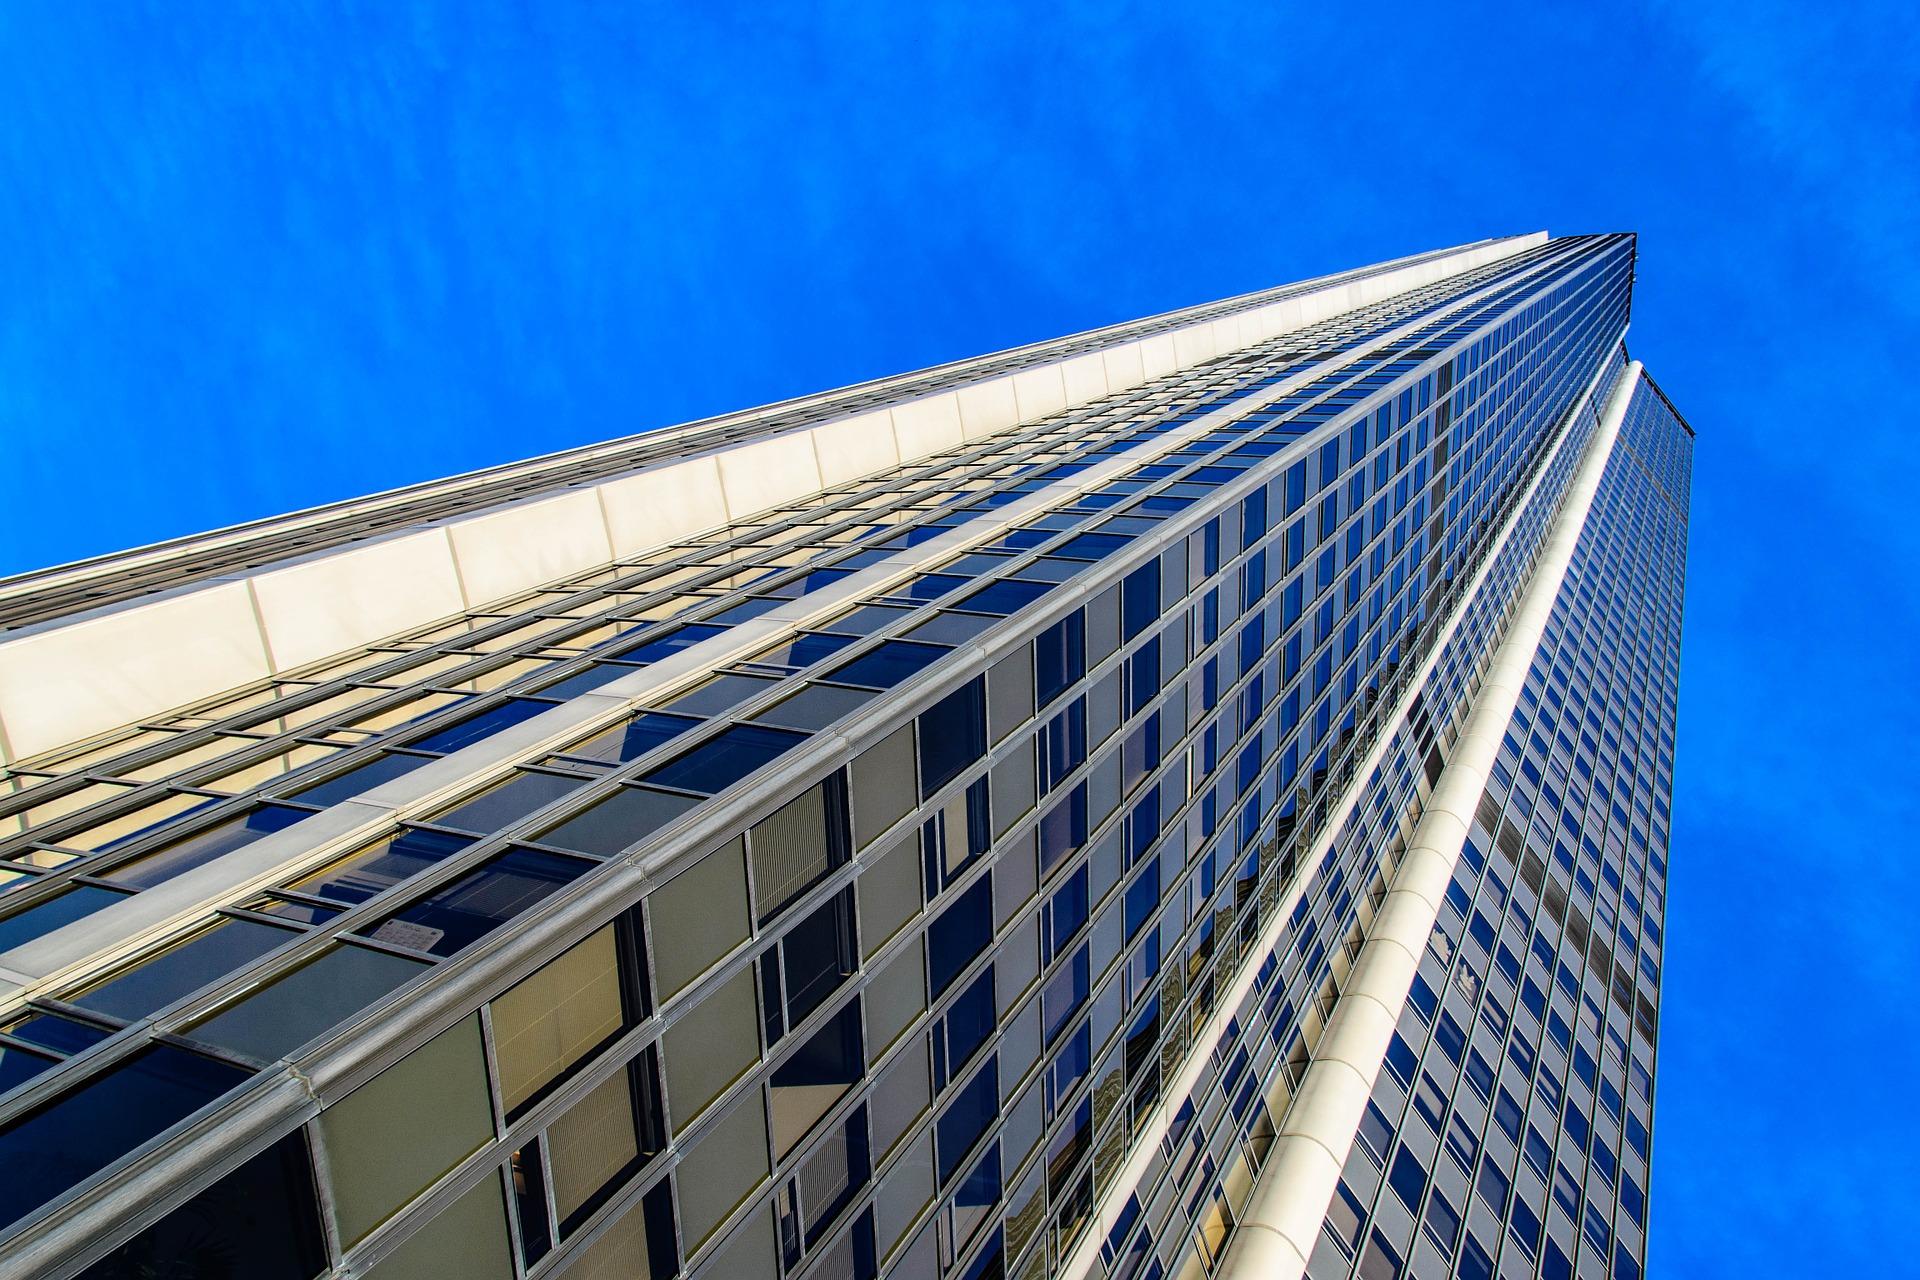 skyscraper-825546_1920